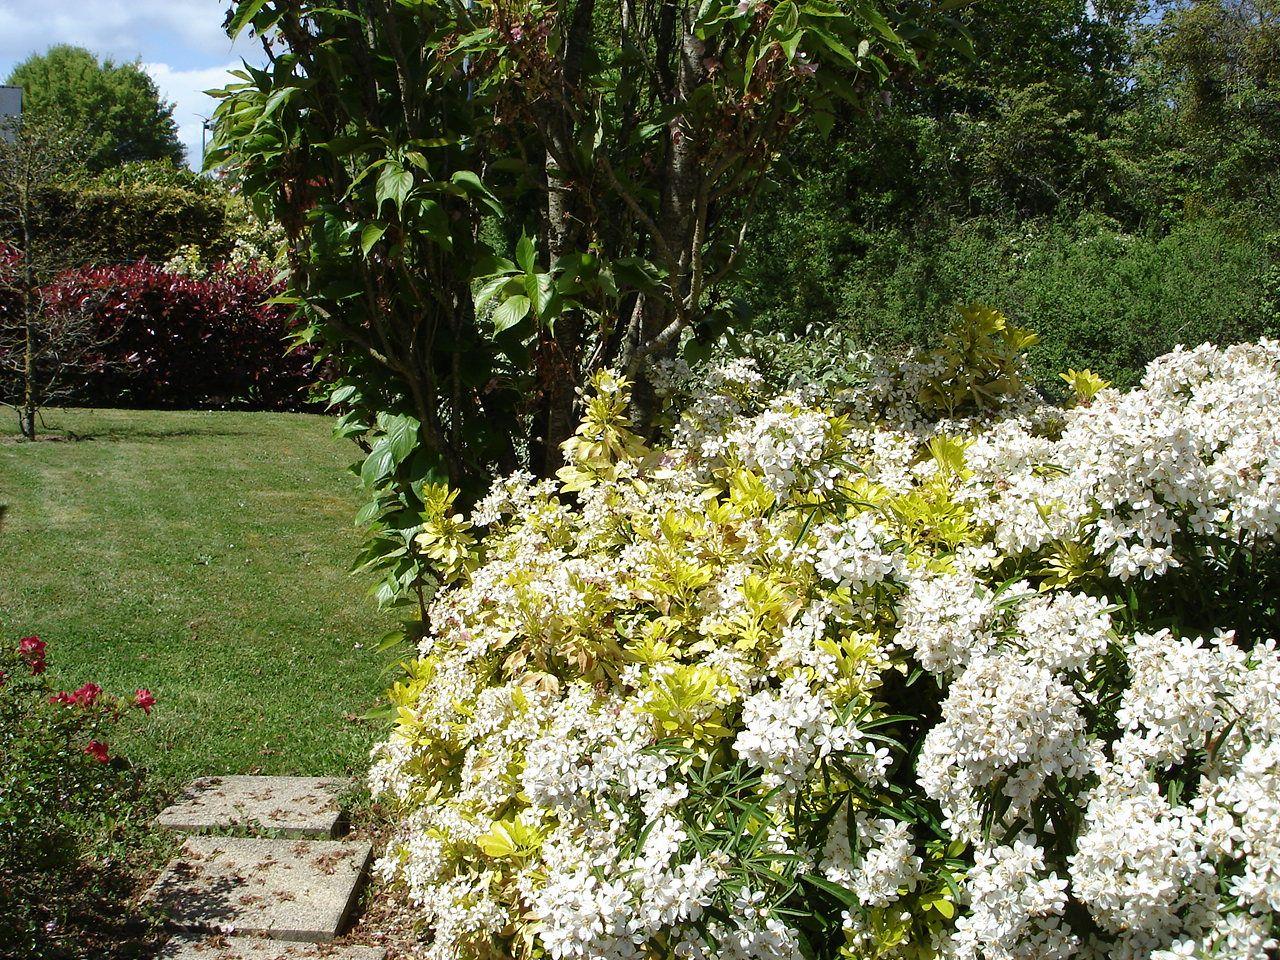 Oranger du mexique jaune et vert aux fleurs odorantes les fleurs du jardin pinterest - Oranger du mexique feuilles jaunes ...